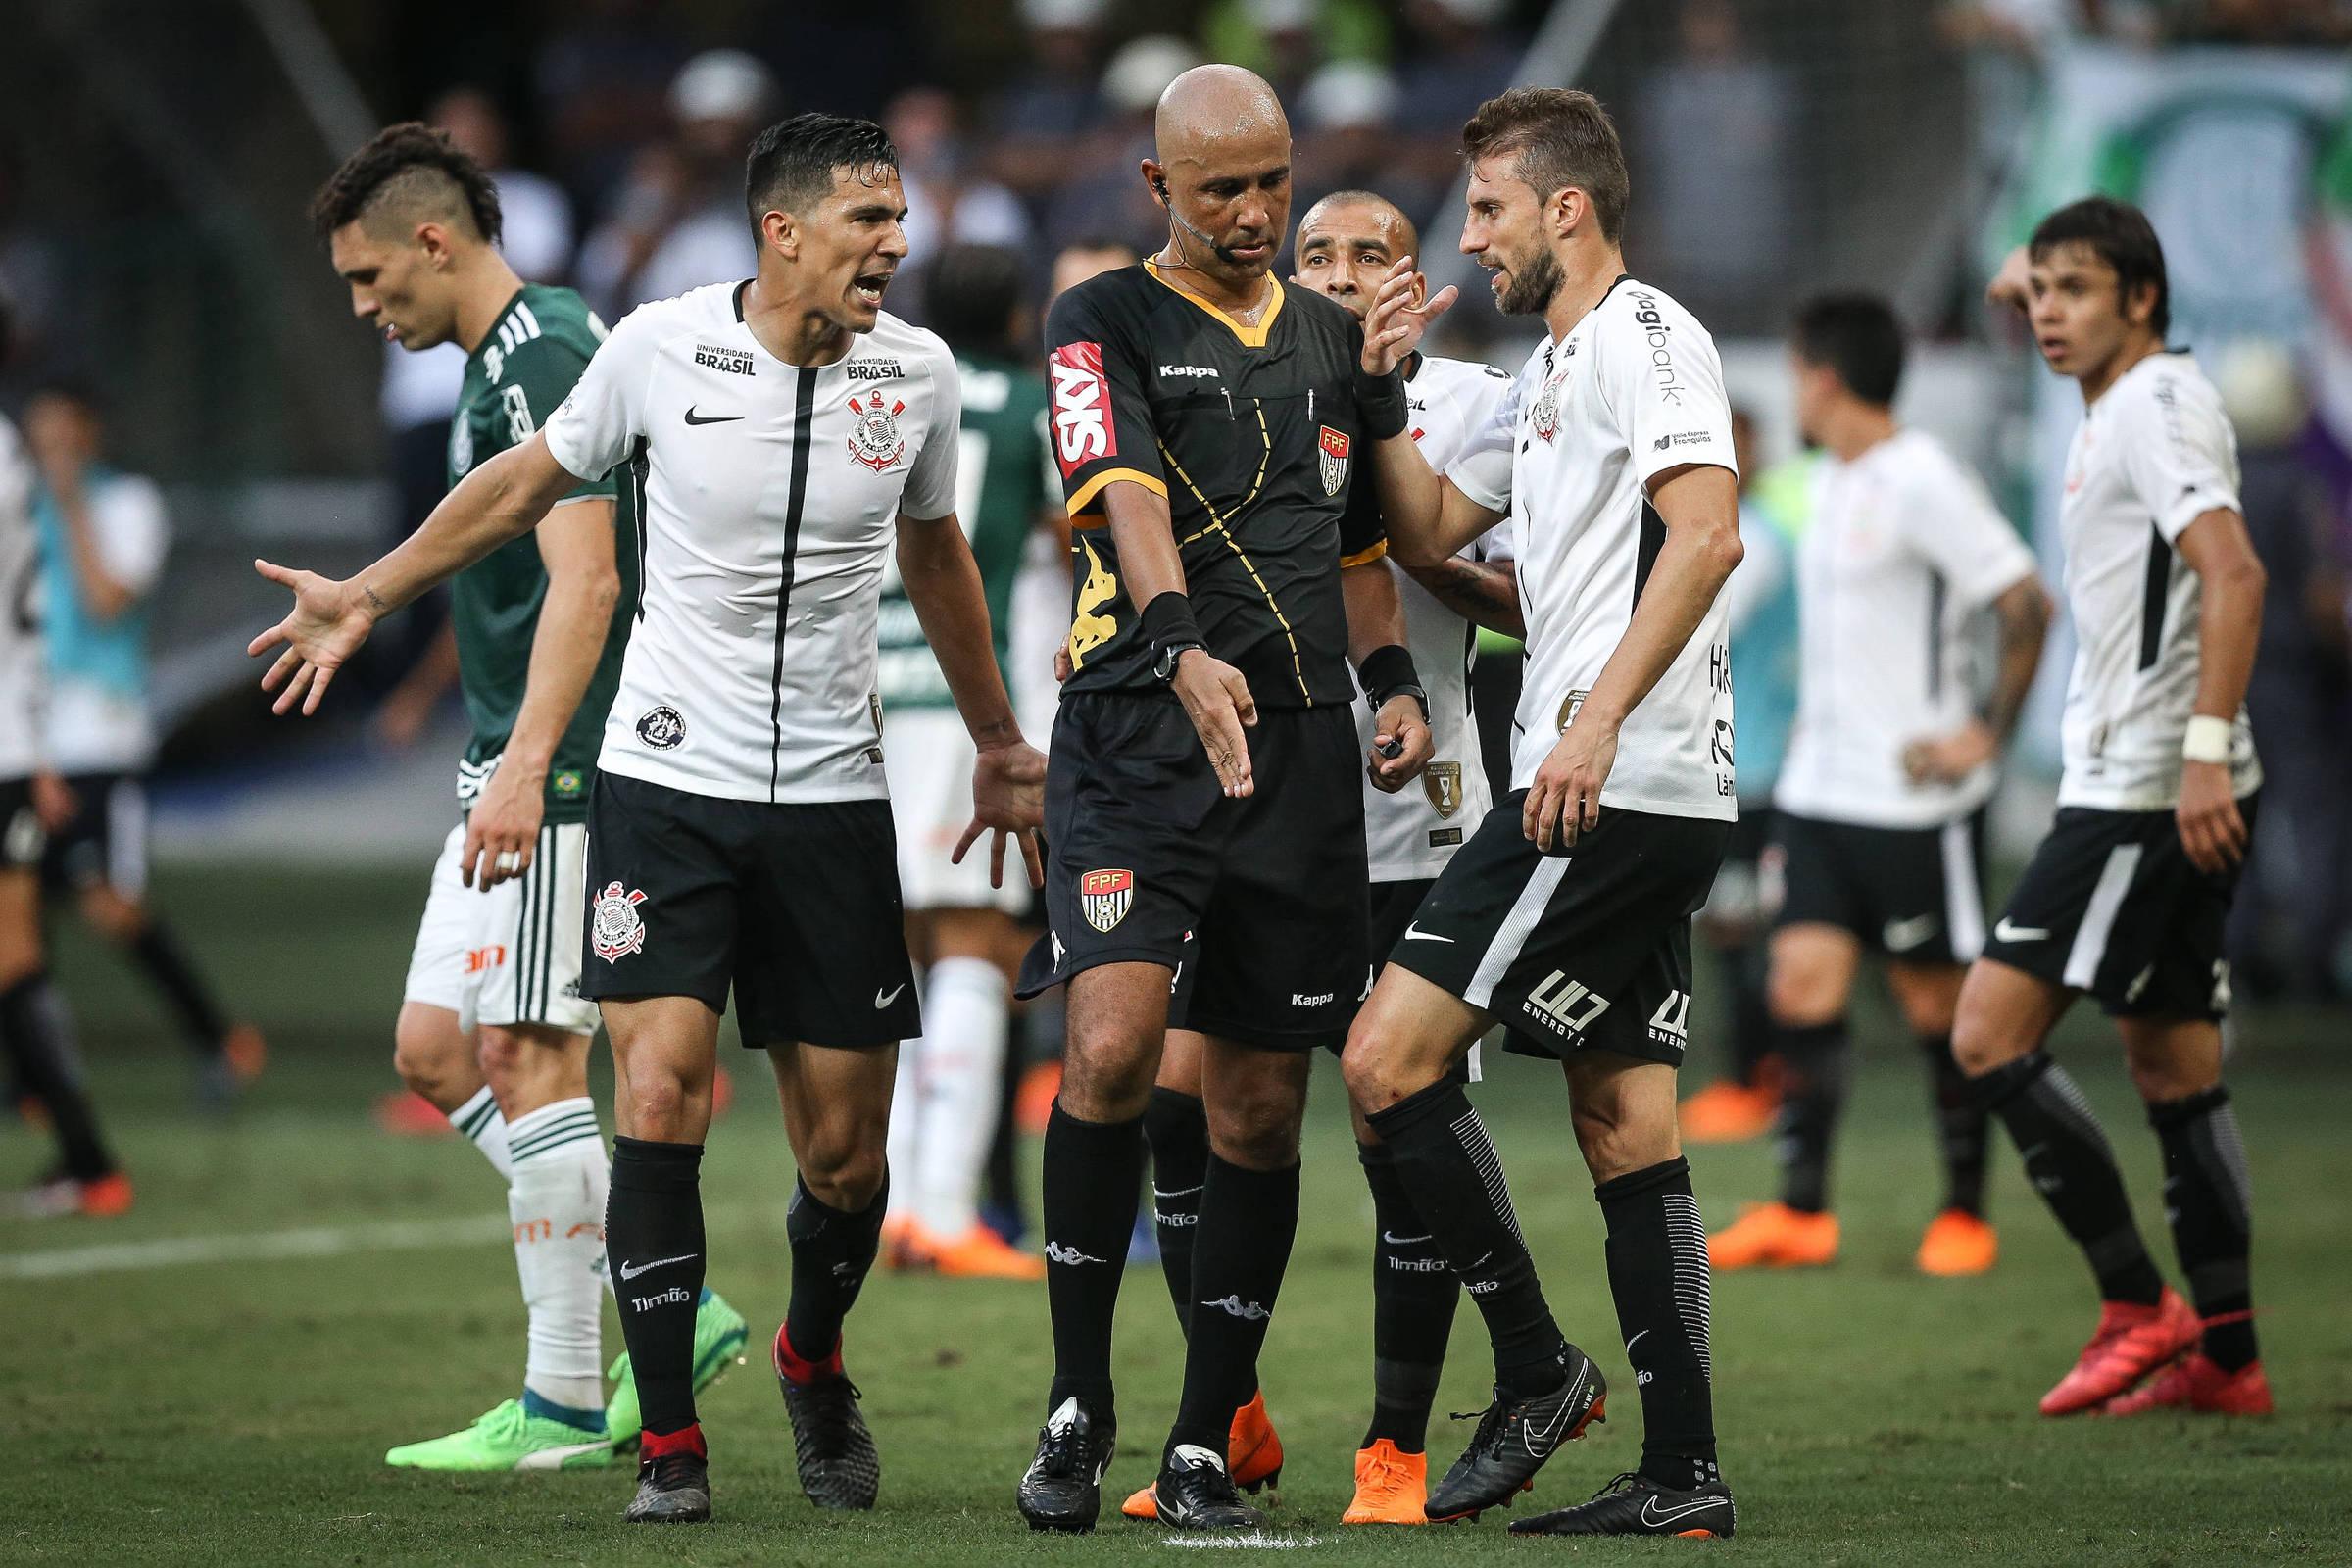 Palmeiras junta provas e vai ao Tribunal contra diretor de arbitragem da FPF  - 10 04 2018 - Esporte - Folha c577387695555